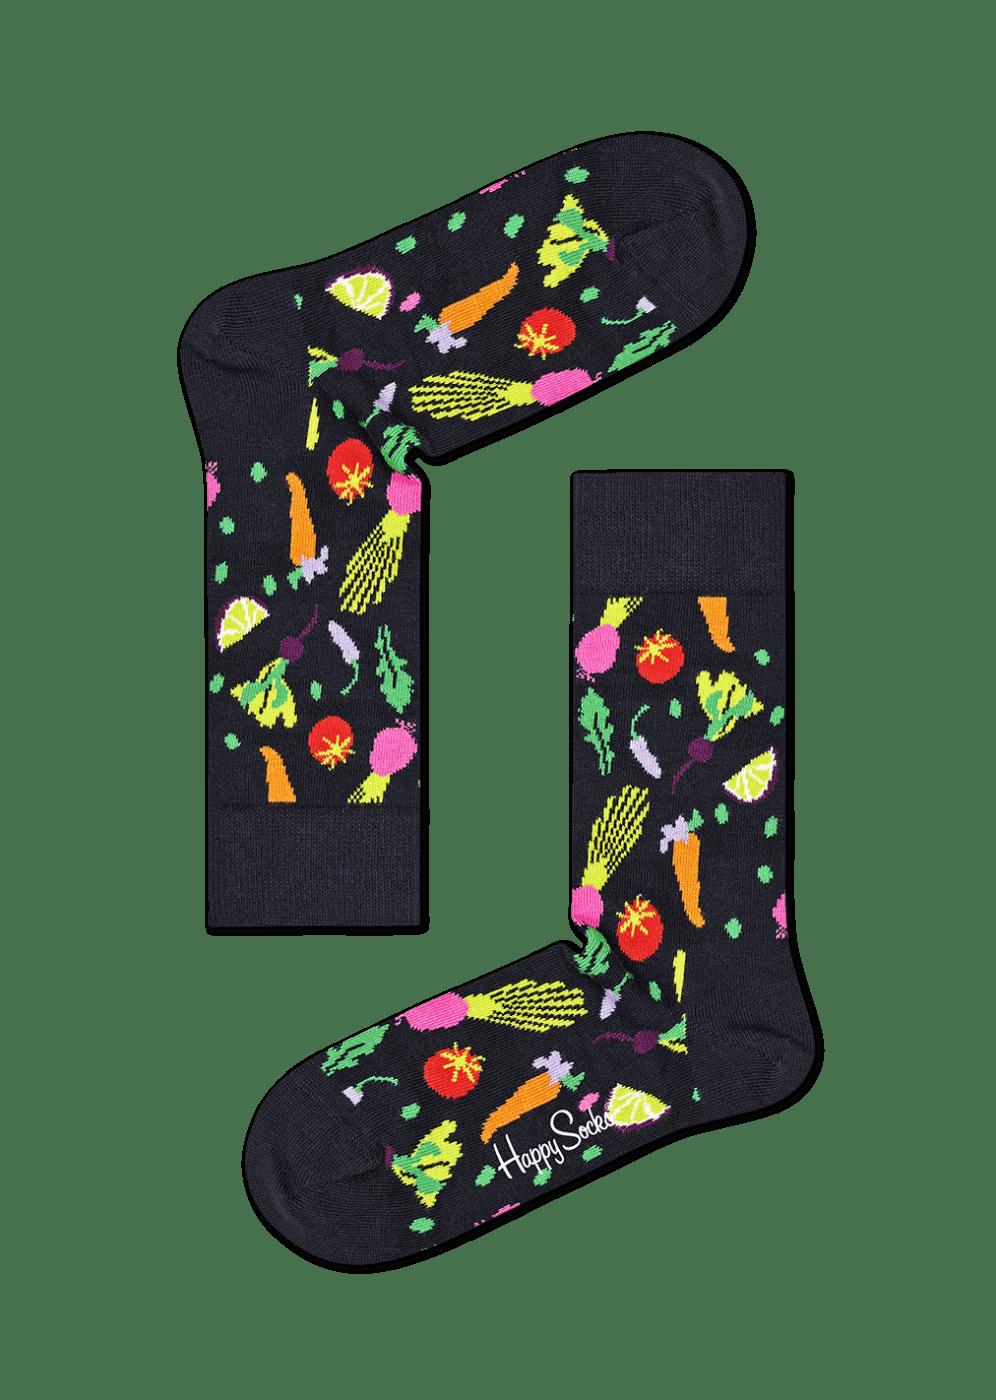 Veggie Sock